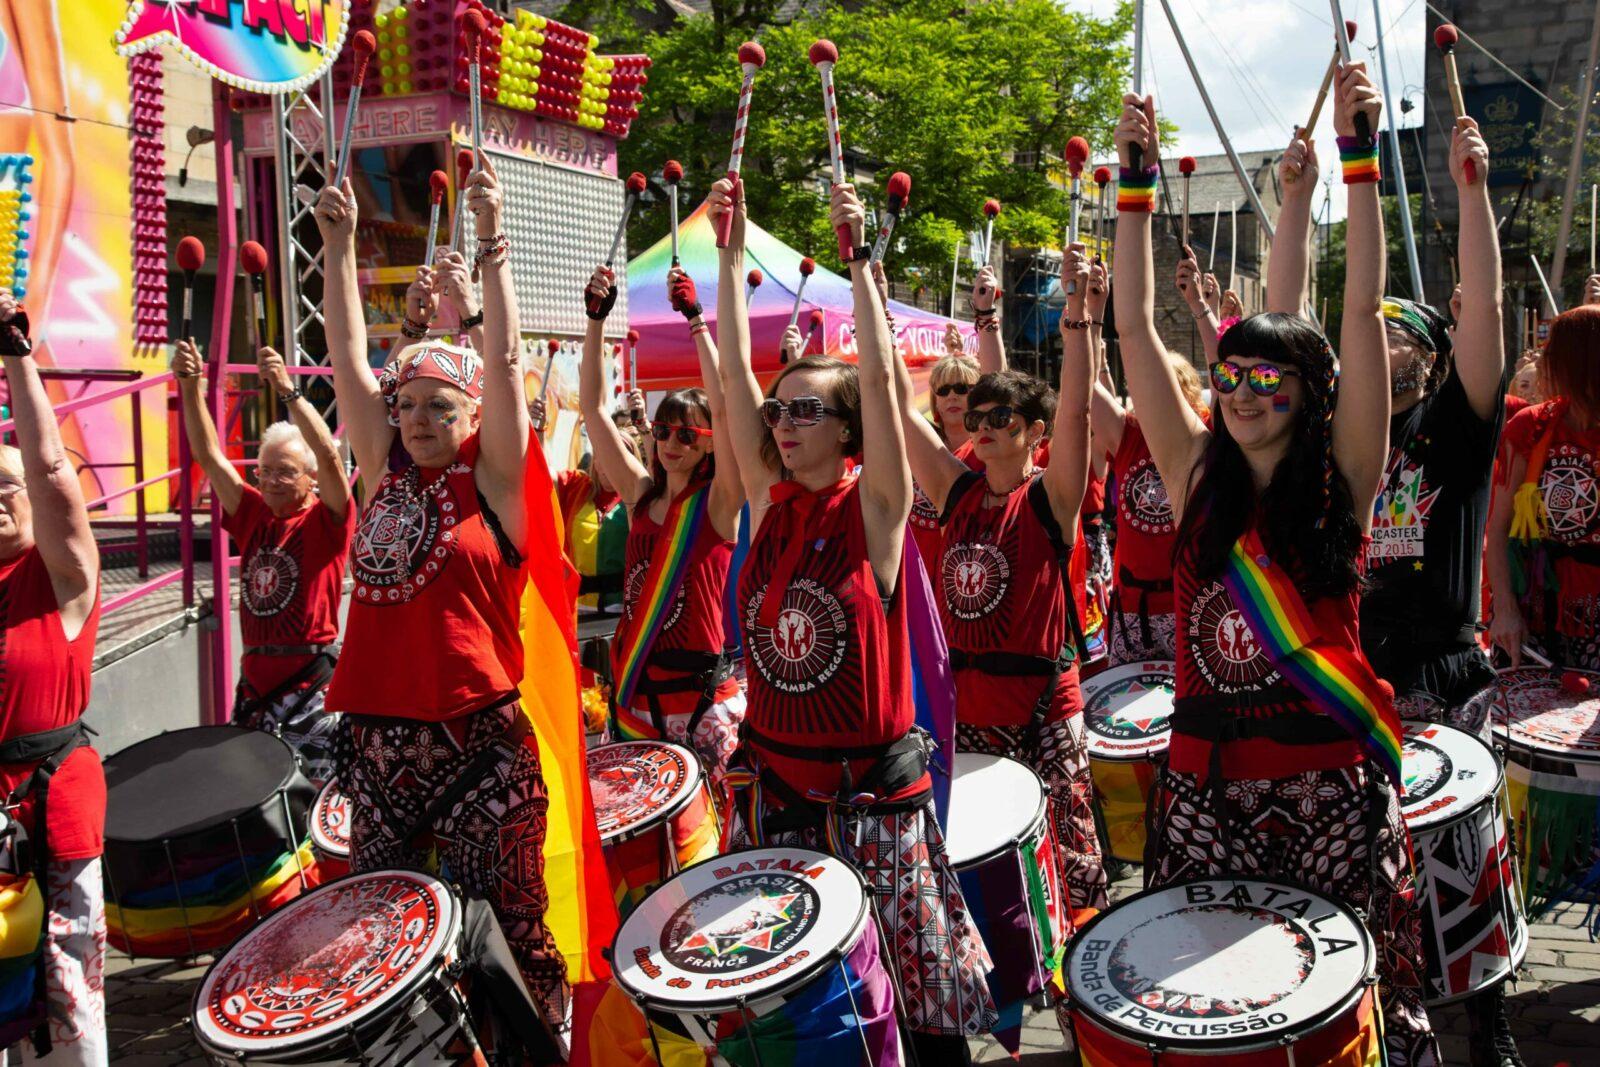 Batala Lancaster samba reggae drumming band at Lancaster Pride